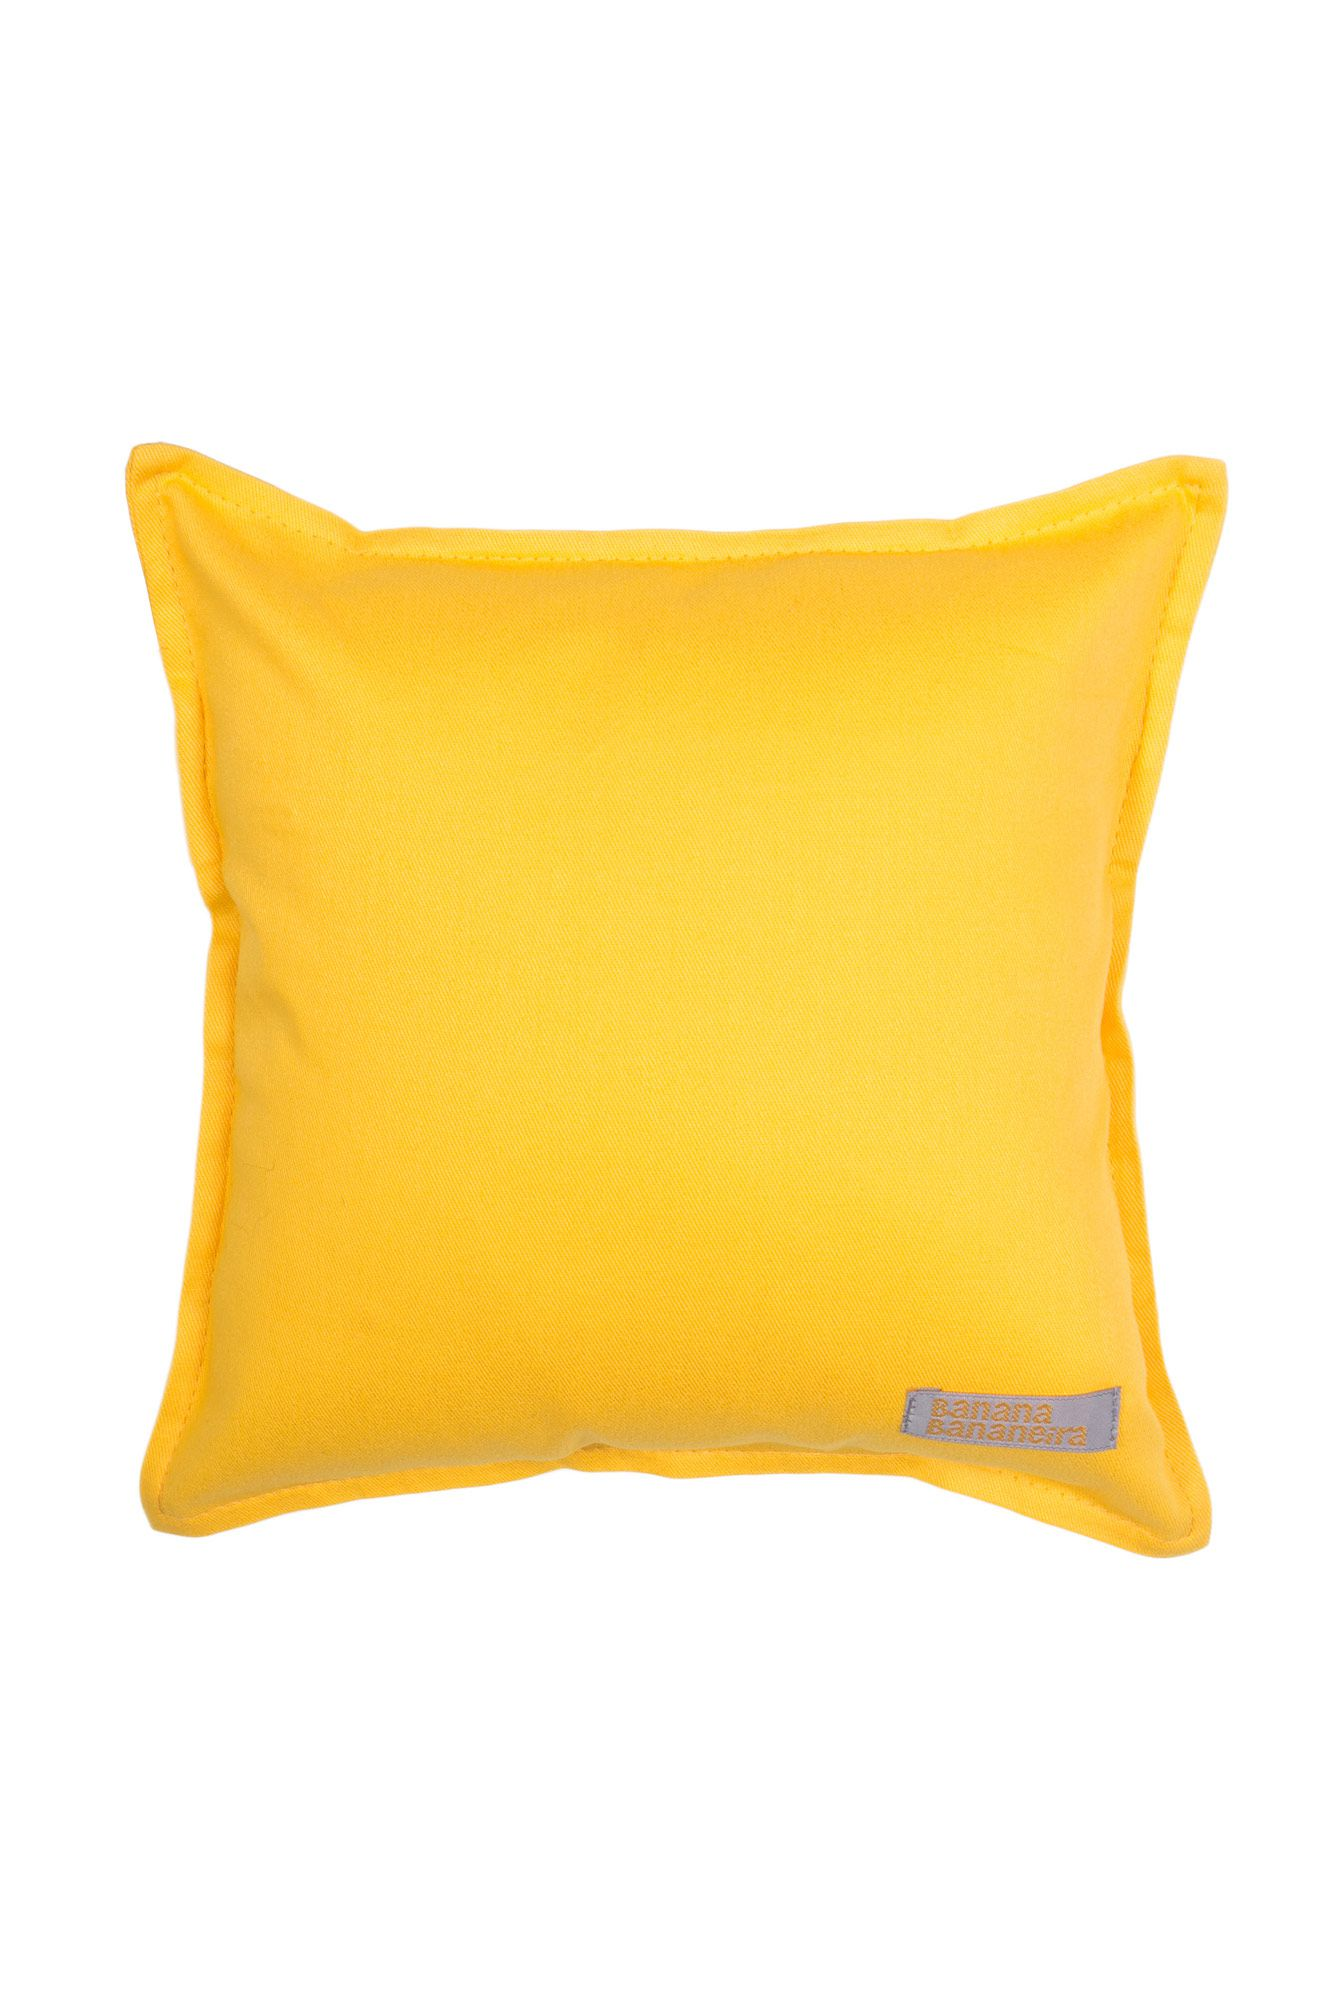 Almofada em pesponto 25 cm x 25 cm amarela